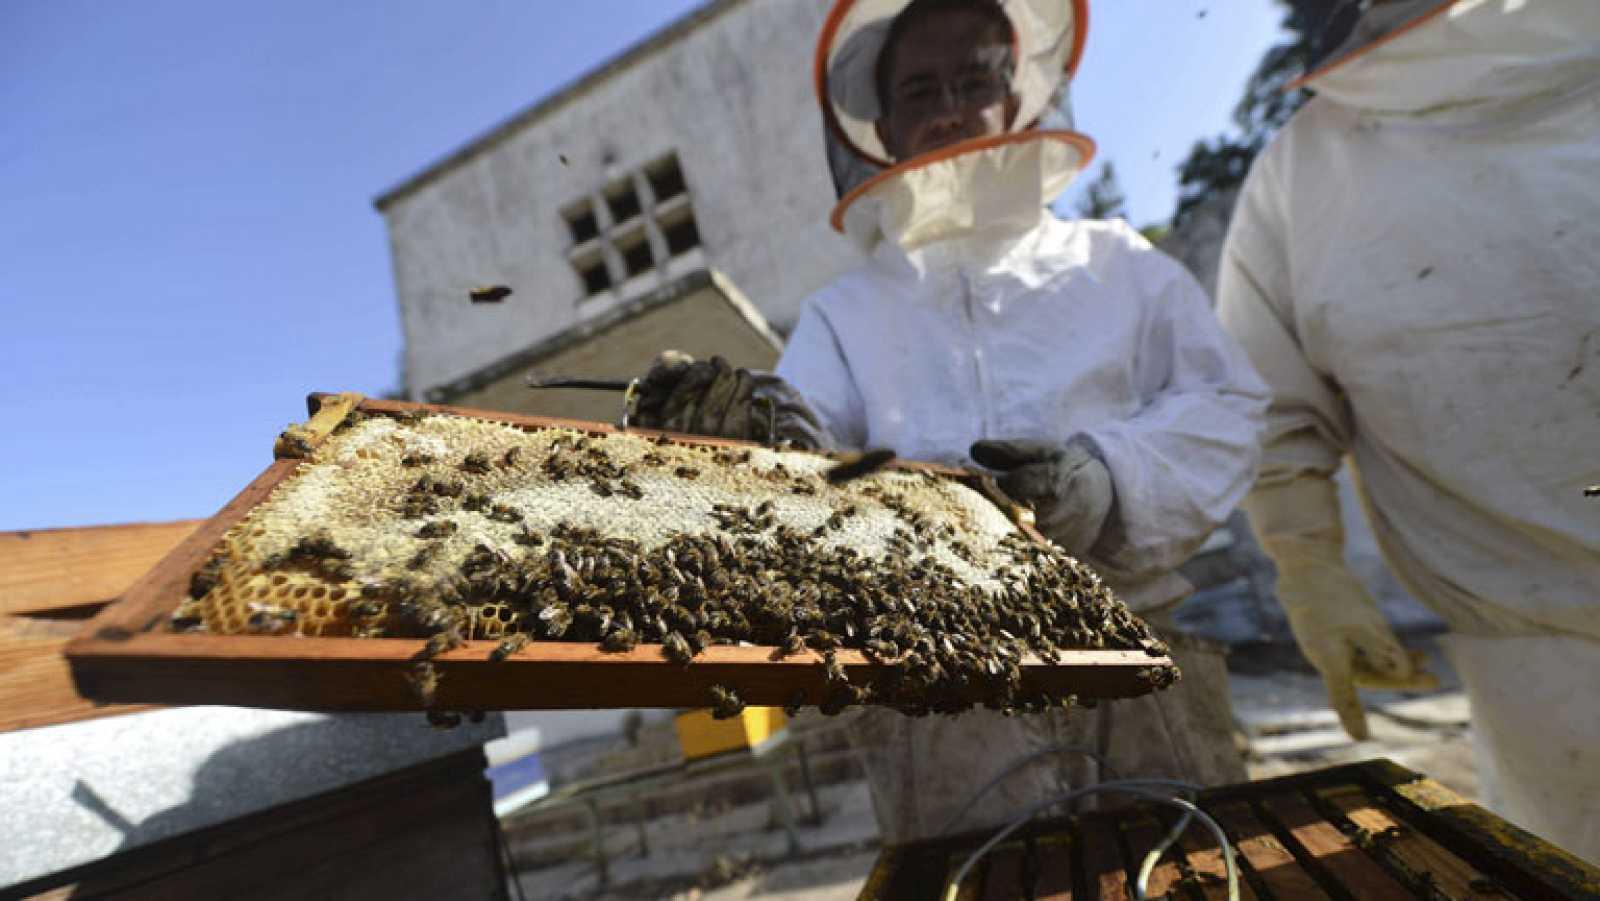 Con el calor aumenta también el riesgo de sufrir picaduras de insectos